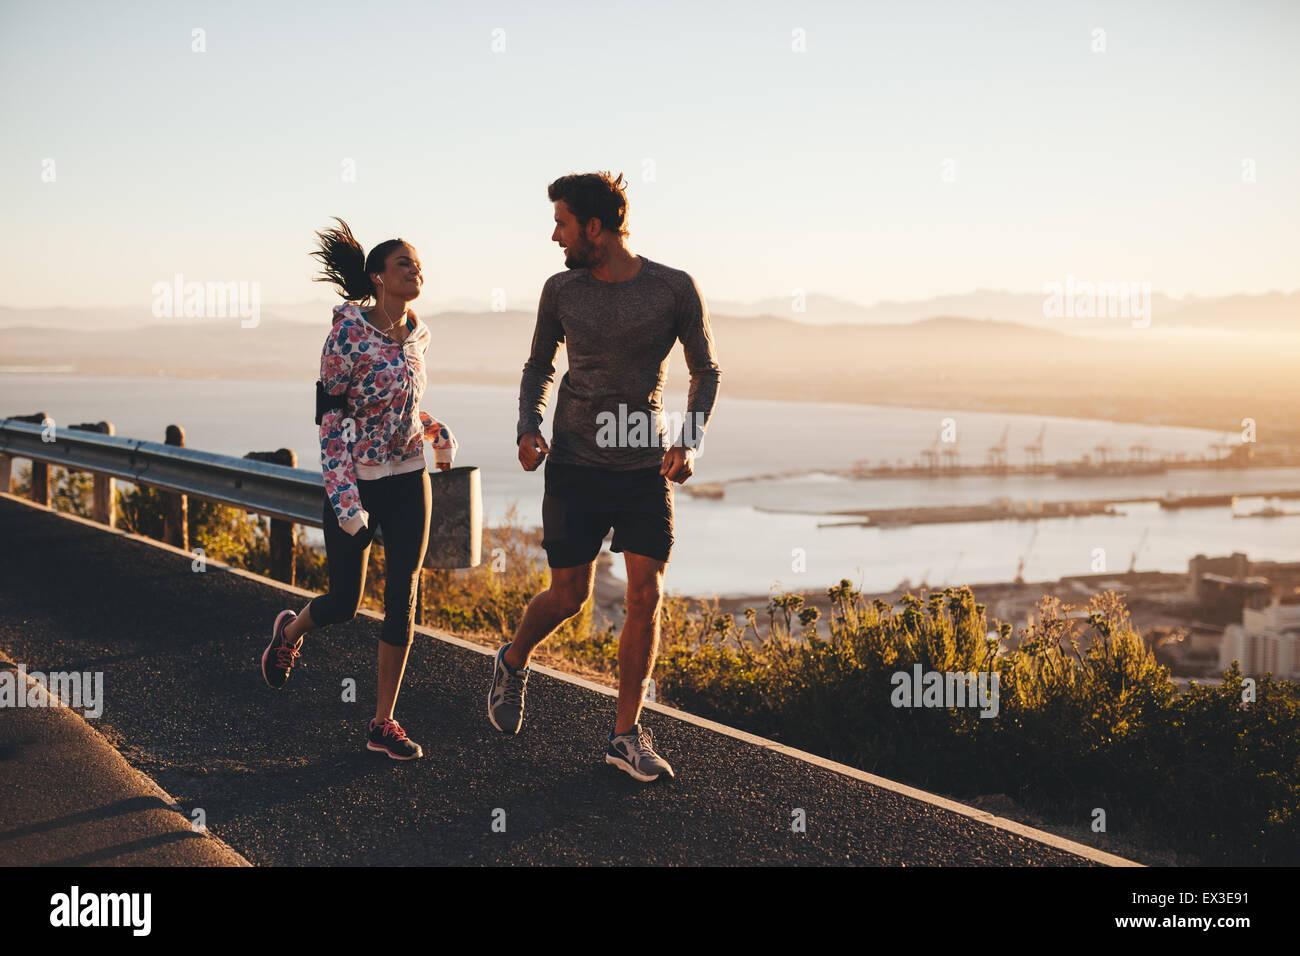 Tiro de dos personas corriendo en una carretera rural en la mañana. Hombre y mujer joven correr al aire libre Imagen De Stock